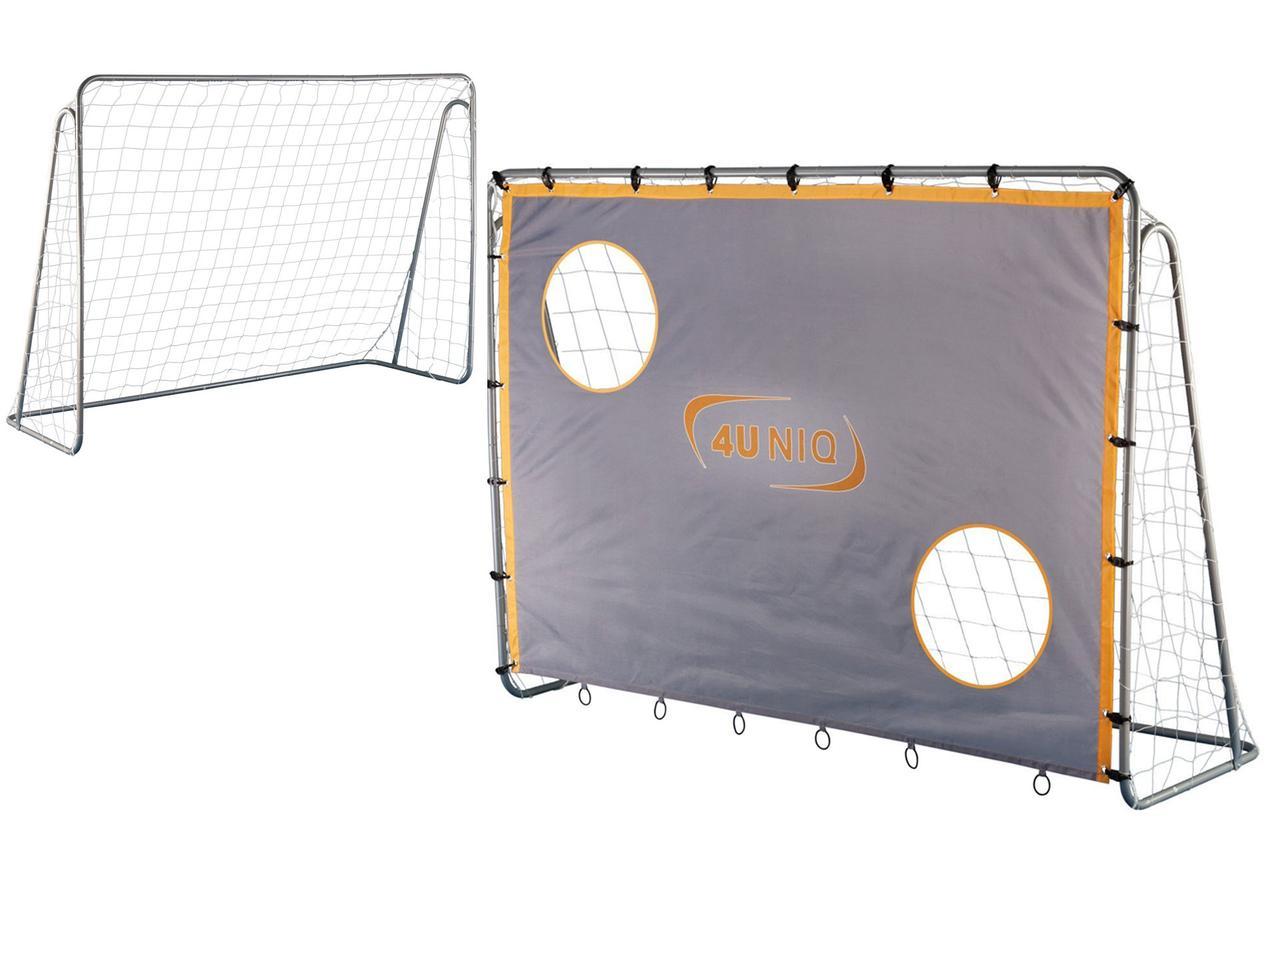 Футбольные ворота 4UNIQ Champion с экраном 213х152 (игровые футбольные ворота тренировочные ворота)